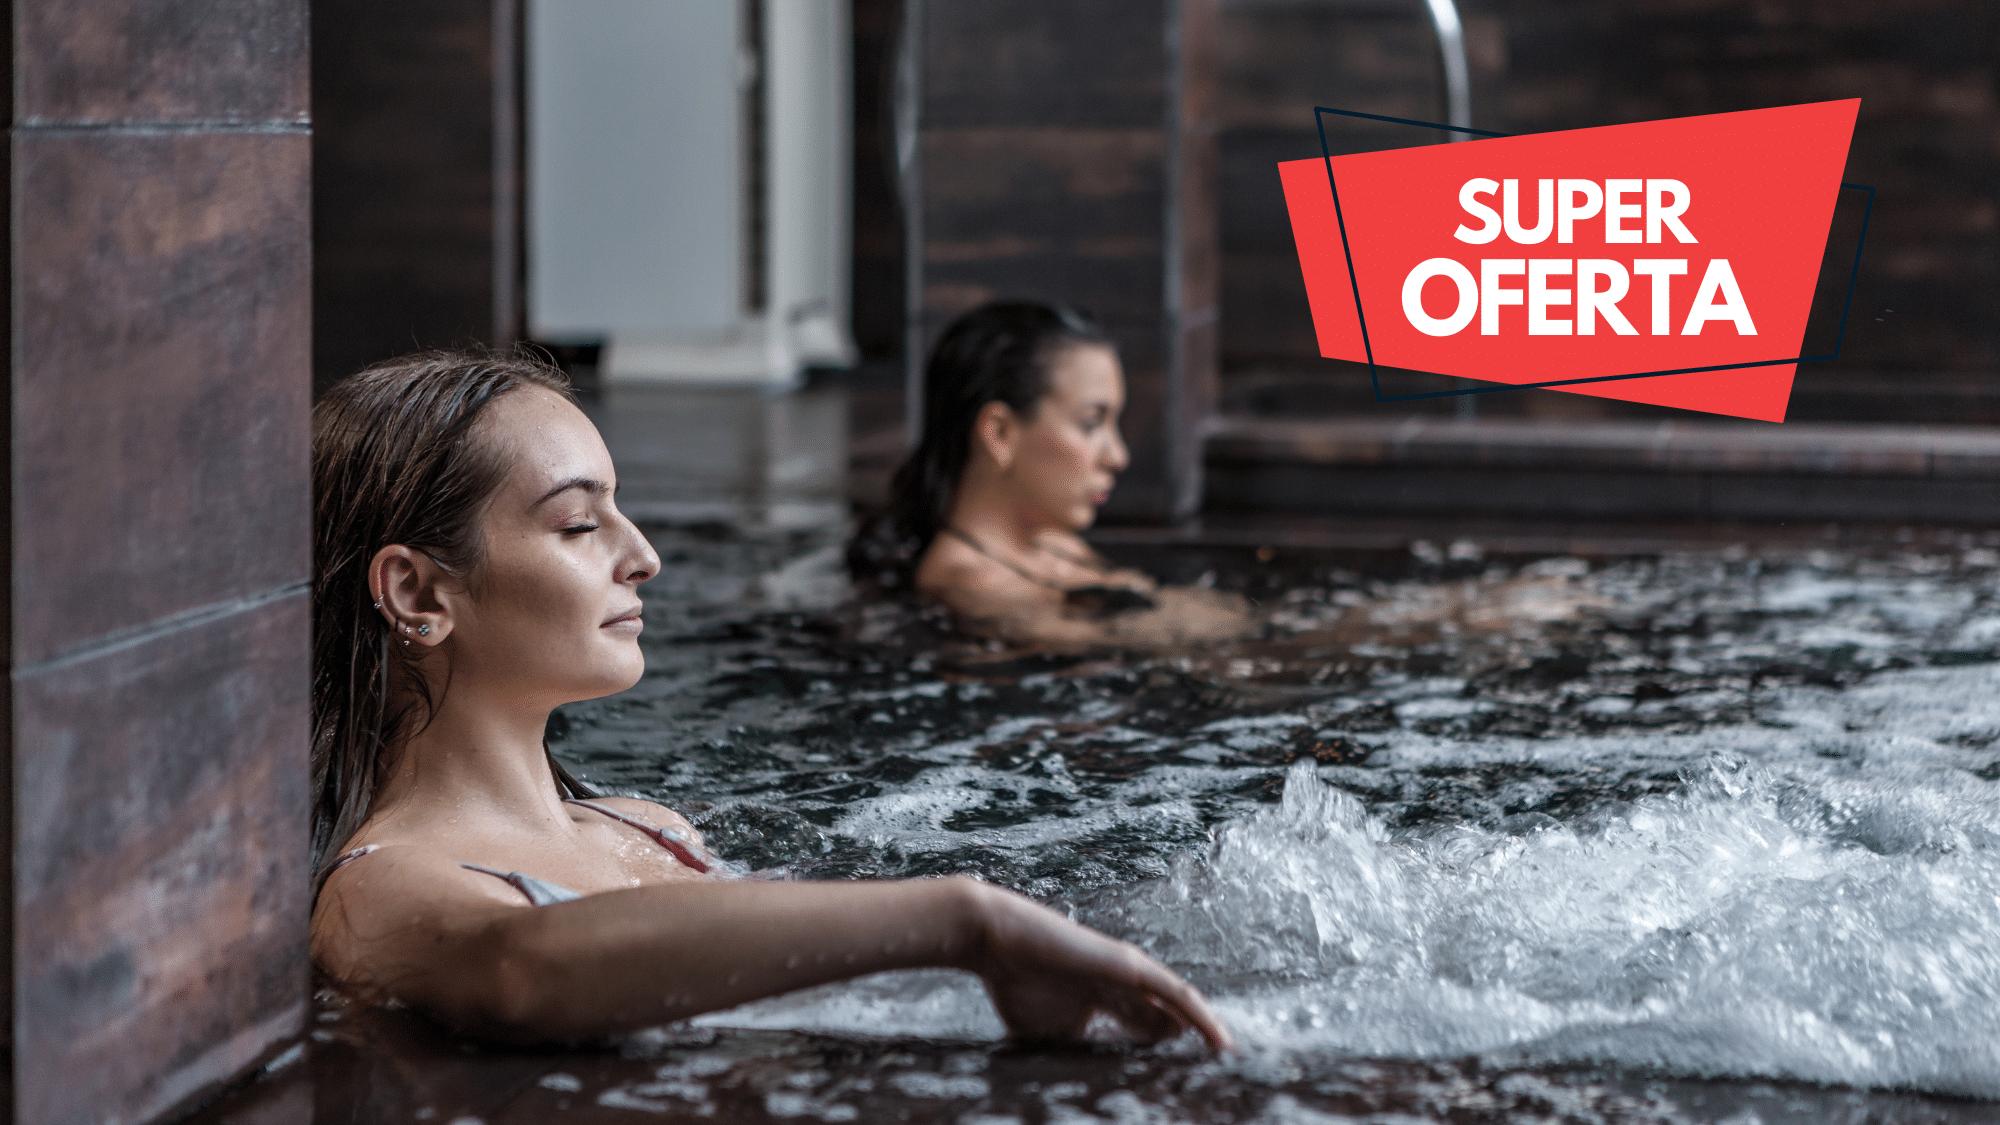 escapadas spa a balnearios con circuitos termales y masajes en españa con ofertas y economicos por albacete en el balneario la esperanza de reolid